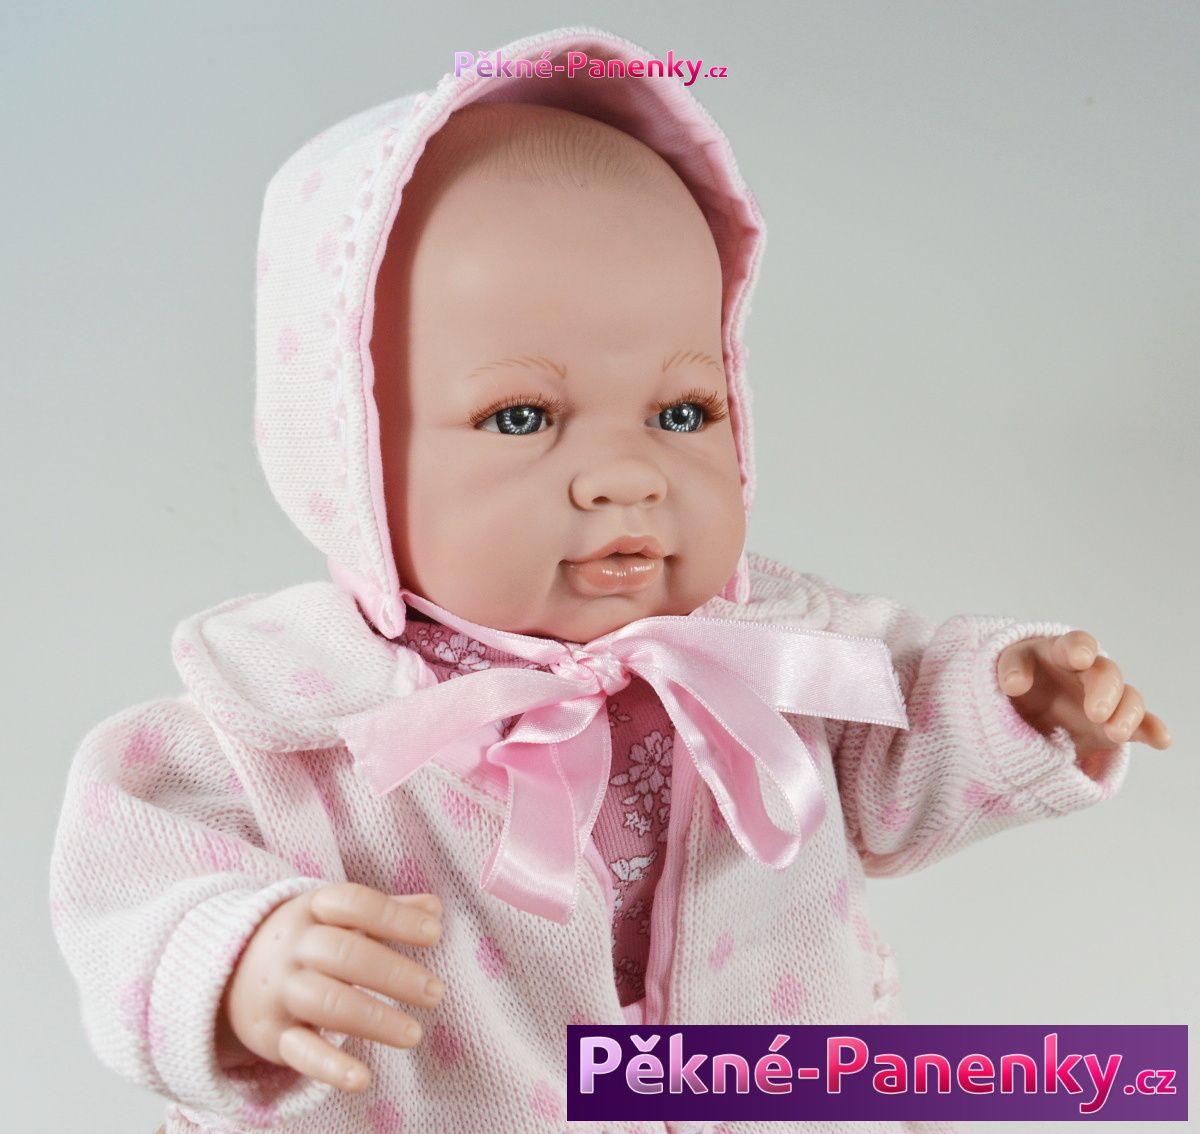 Berbesa velká, realistická, mluvící panenka, španělské panenky, které vypadají jako živé